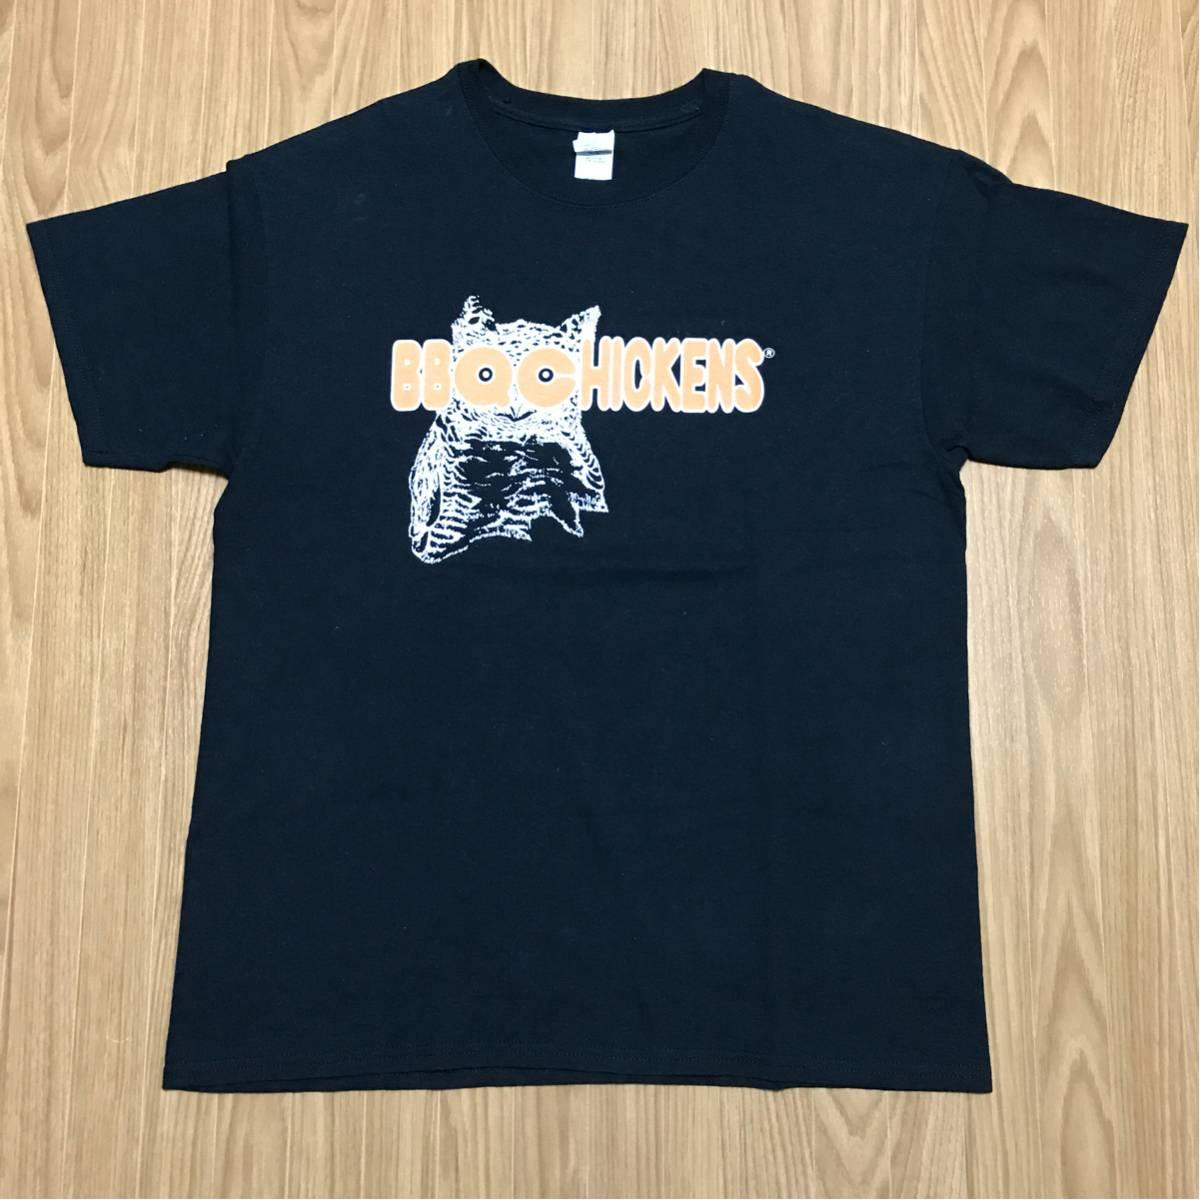 レア!【極美品】BBQ CHICKENS Tシャツ Lサイズ PiZZA OF DEATH KEN YOKOYAMA ライブグッズの画像